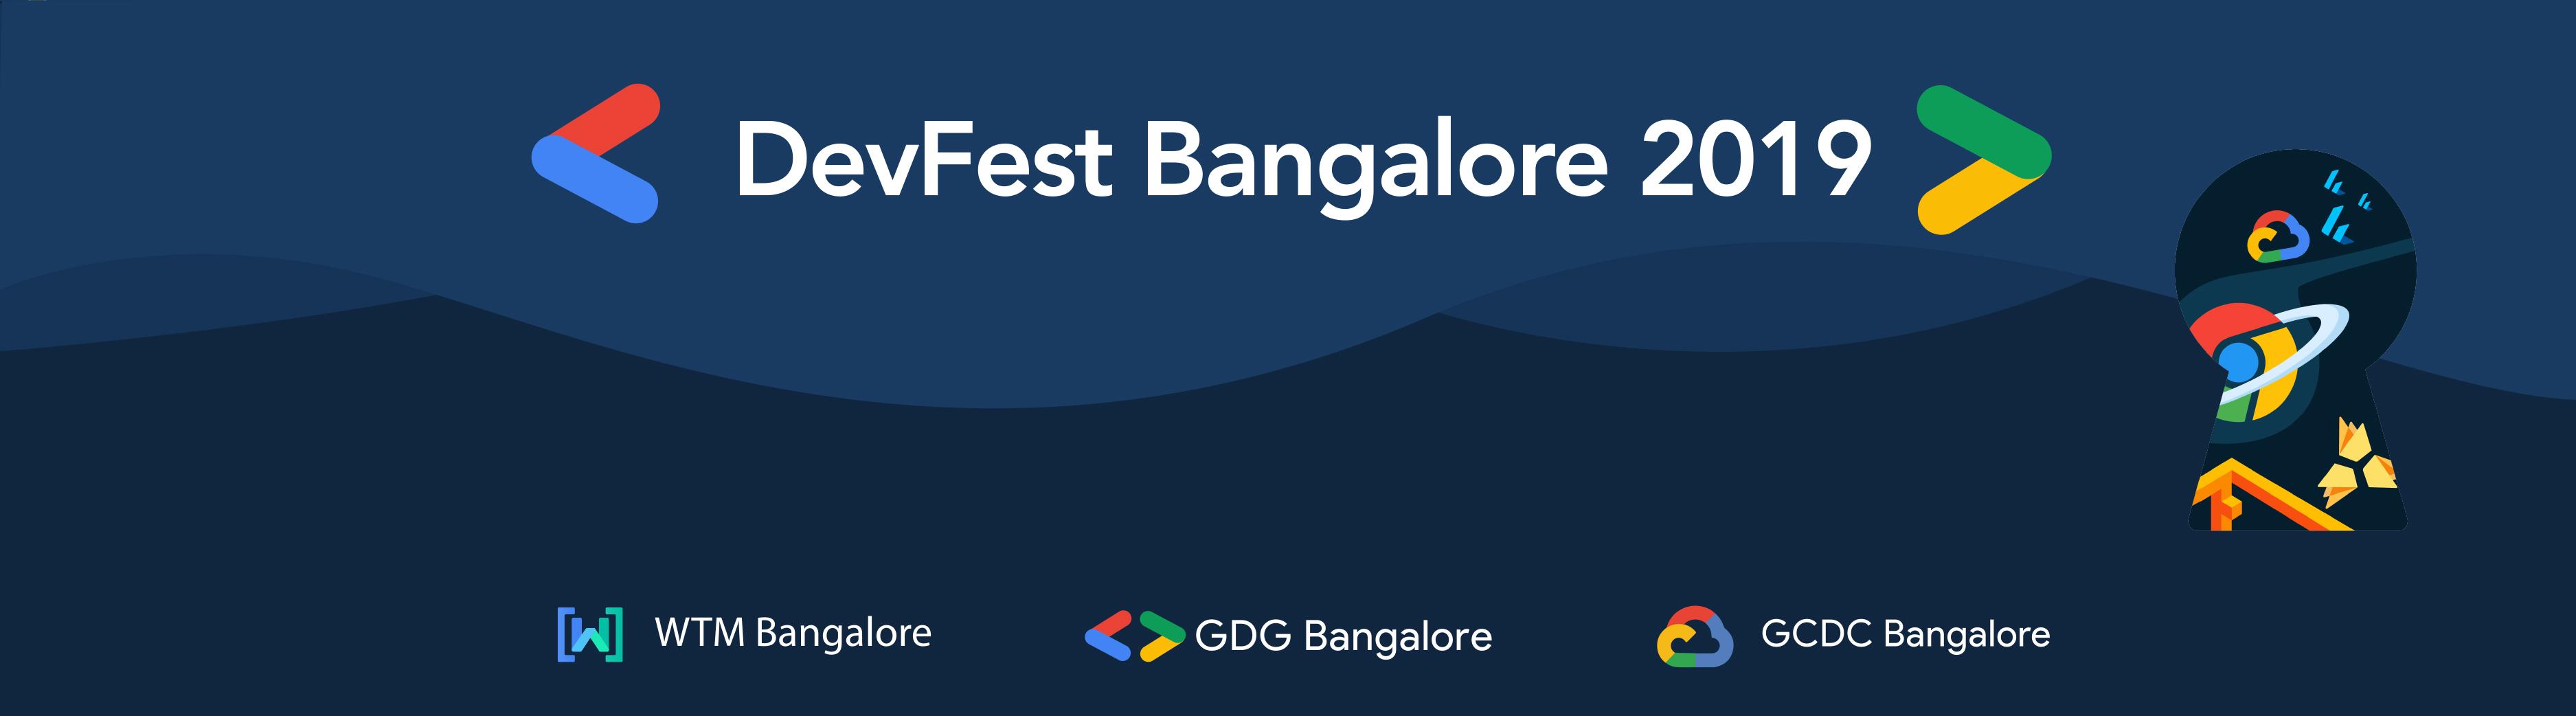 DevFest 2019 Bangalore